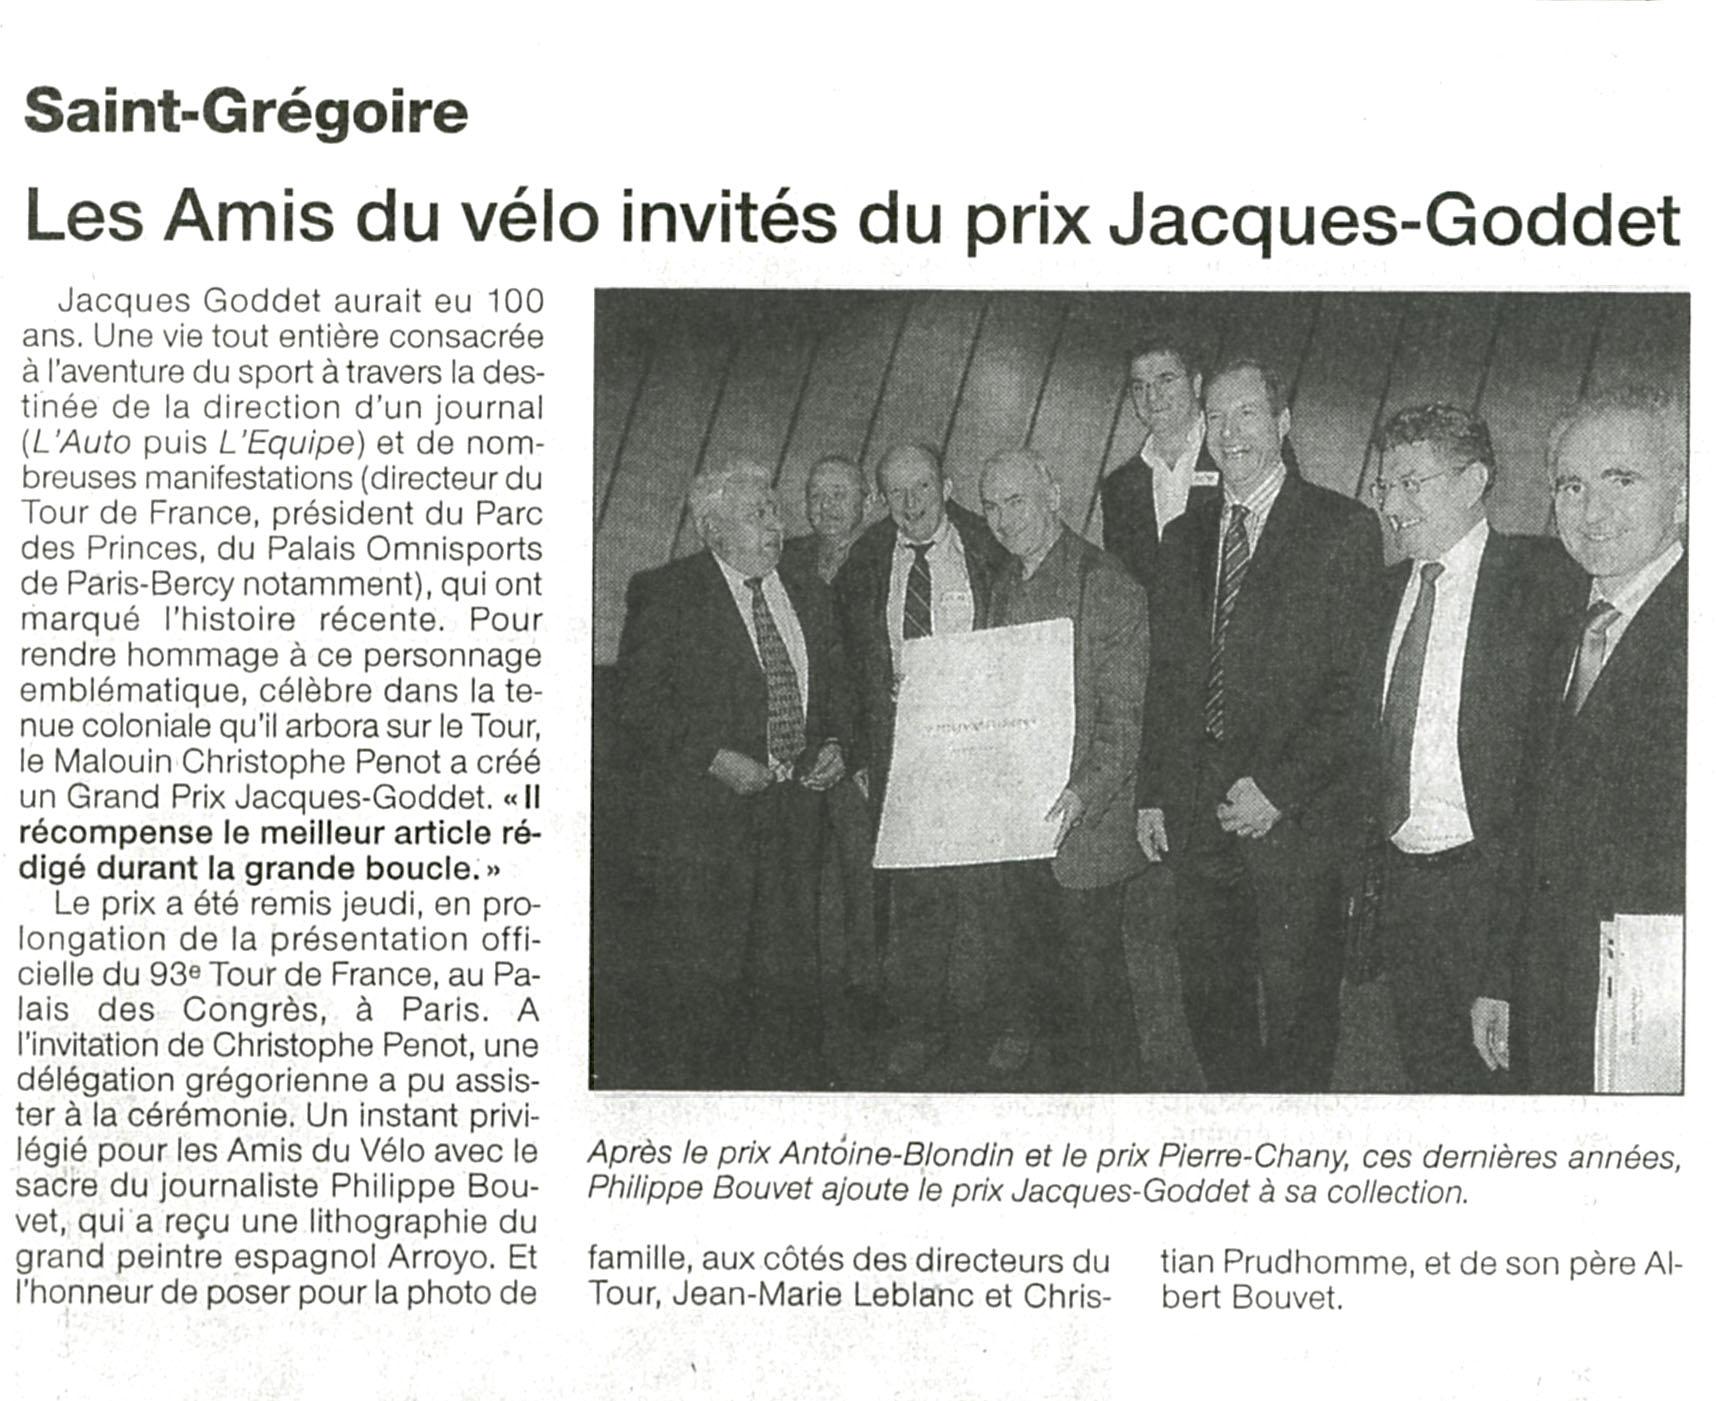 Ouest-France - Prix Jacques-Goddet - octobre 2005